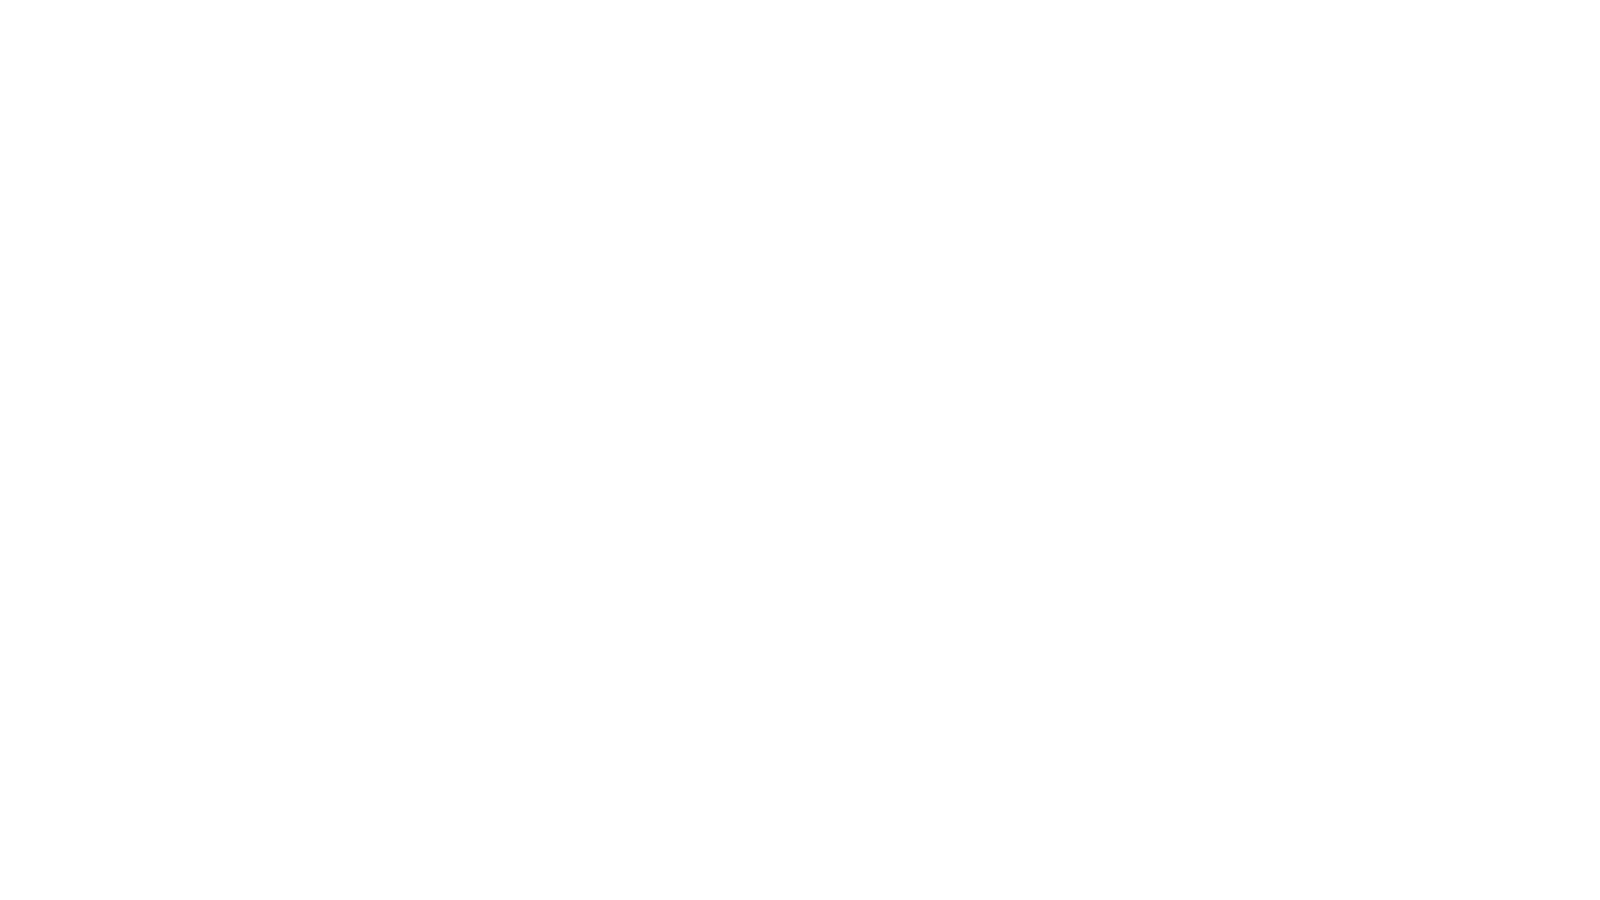 I filtri a carbone attivo sono una soluzione ecologia ed economica per migliorare la qualità dell'acqua dei nostri rubinetti. Vediamo insieme quanto si può risparmiare installandone uno sotto il lavello della nostra cucina.  Seguiteci su: Facebook: https://www.facebook.com/termoidraulicarv Instagram: https://www.instagram.com/termoidraulica_rv Youtube: https://www.youtube.com/termoidraulicarv Shop: https://www.termoidraulicarv.com